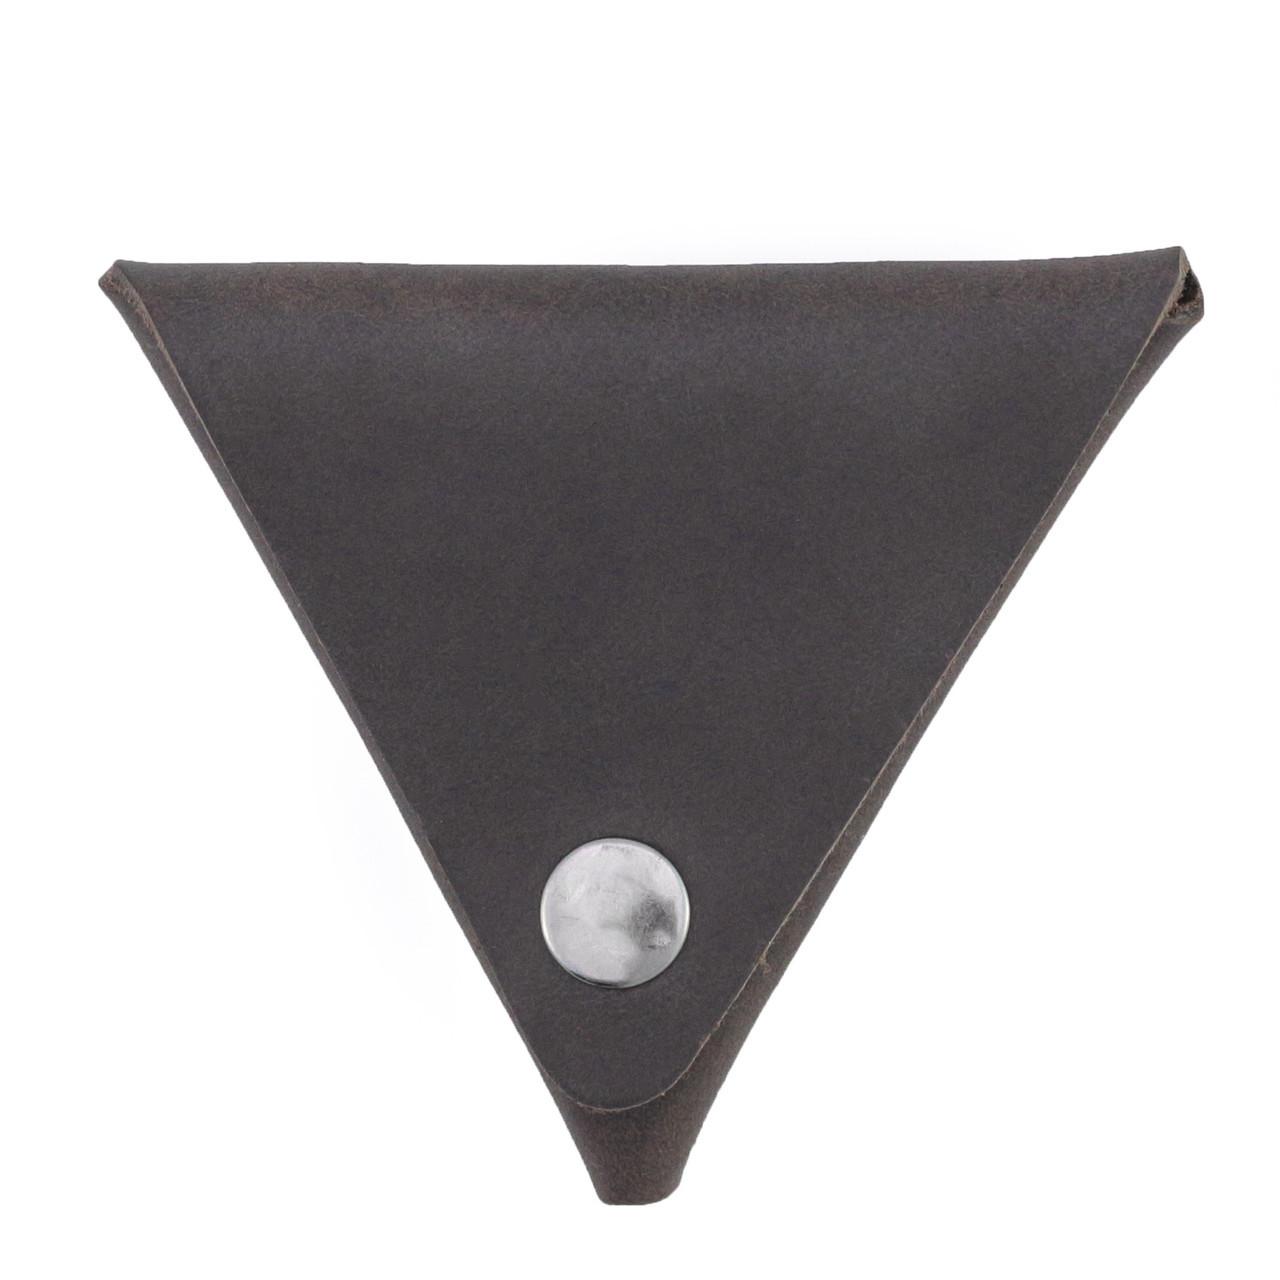 Монетница кожаная ручной работы темно-коричневая HELFORD Тринг brn (1133844781)